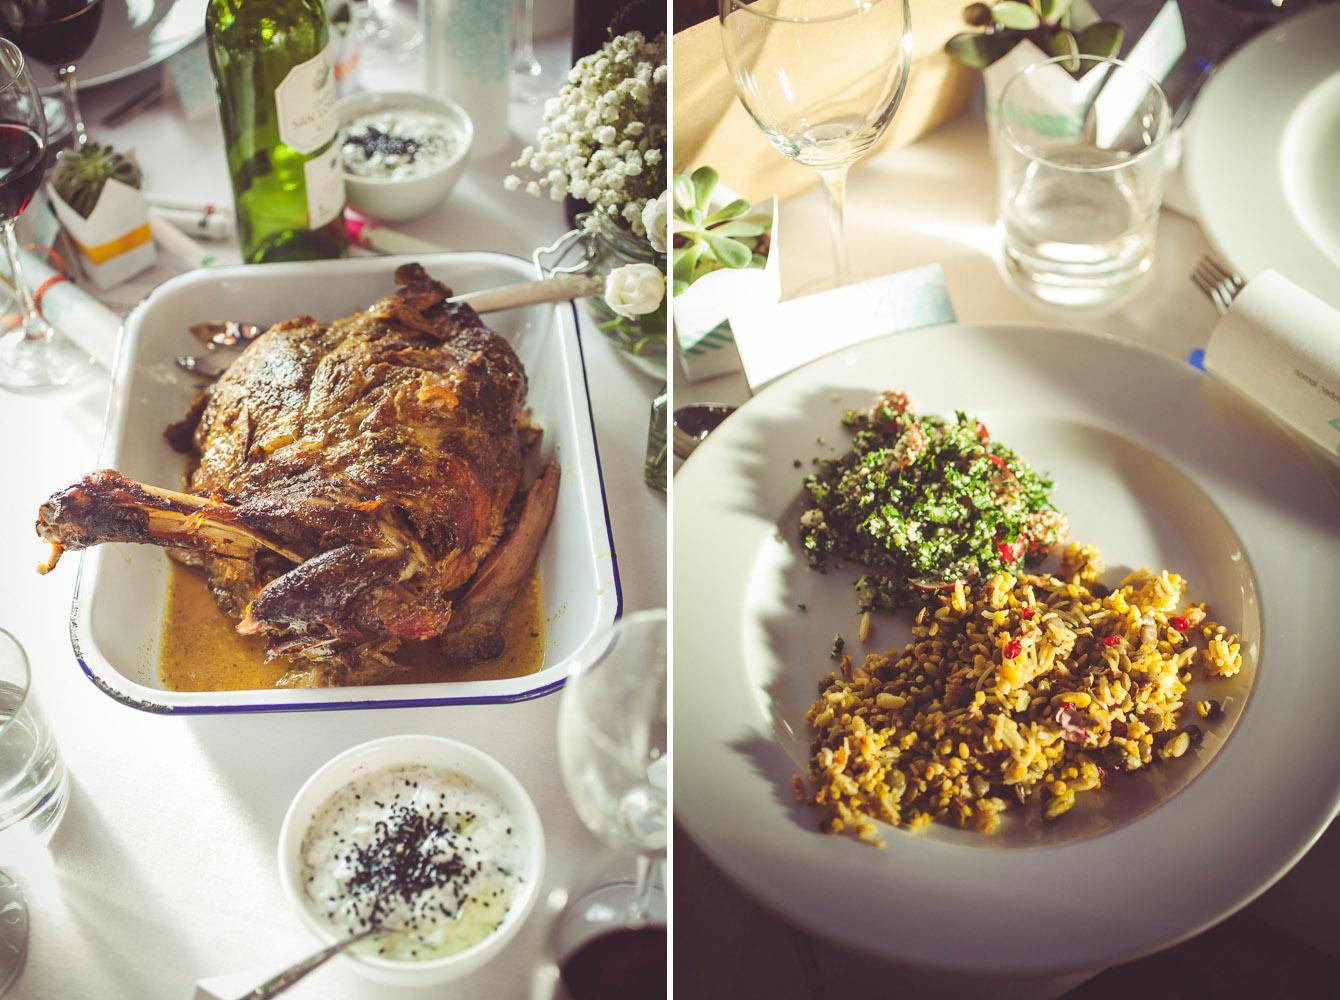 Sri Lankan wedding cuisine